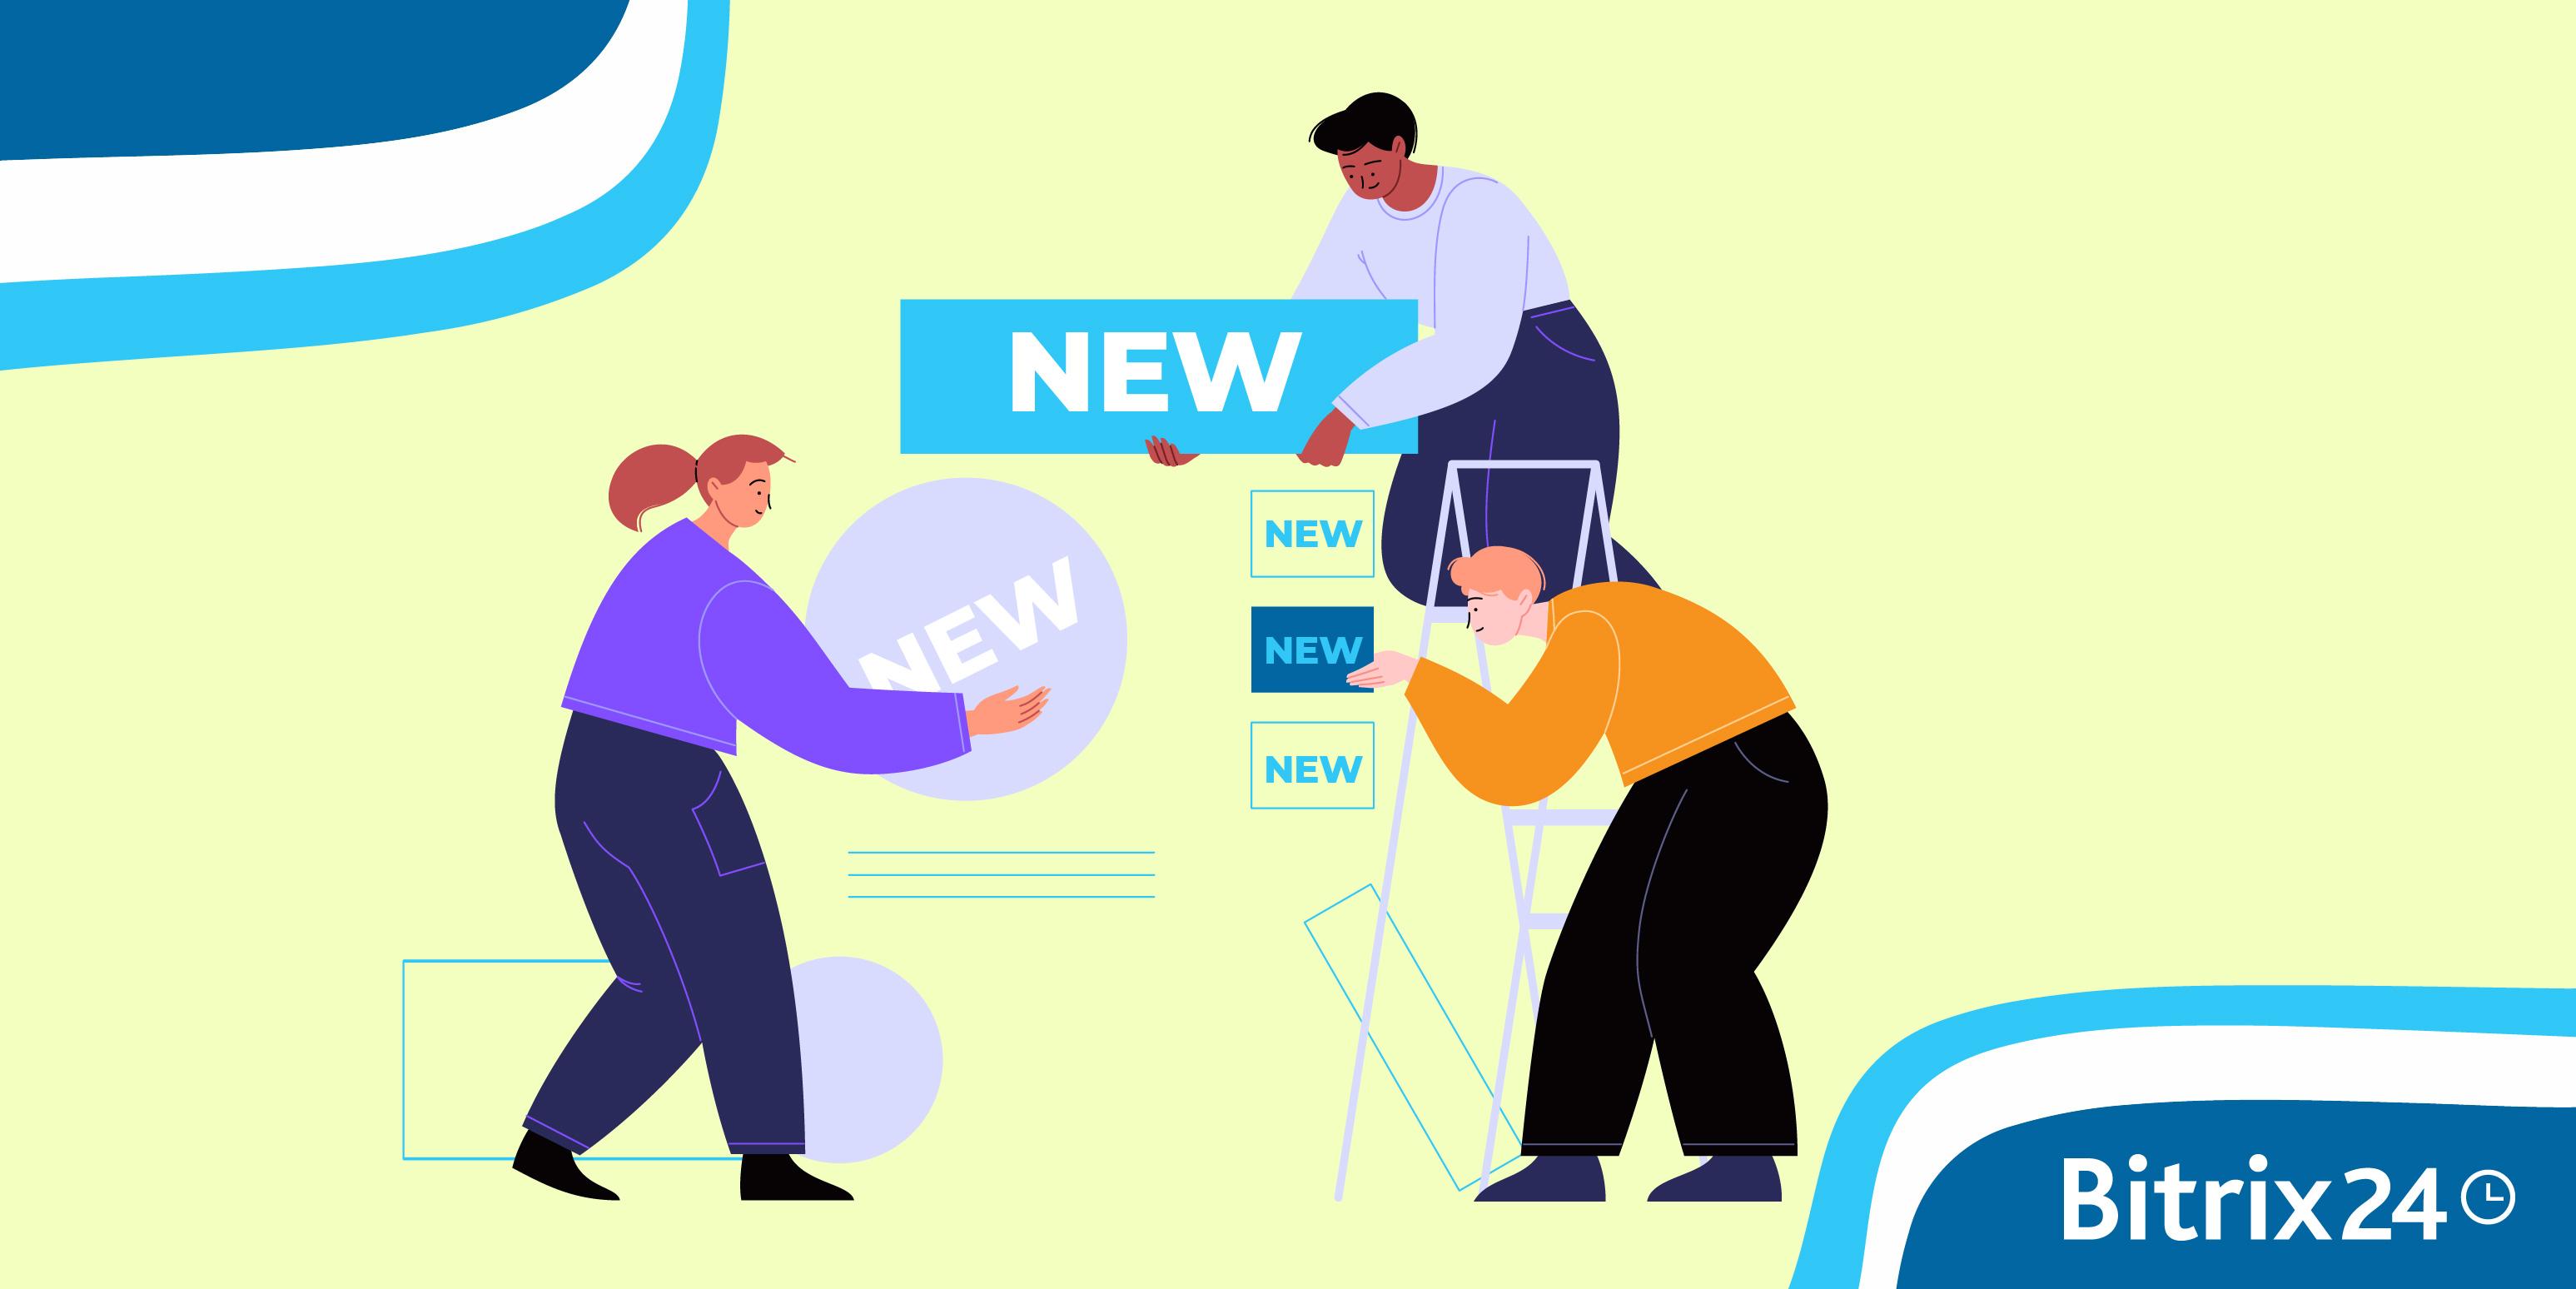 CRM中的新自动化规则和触发器